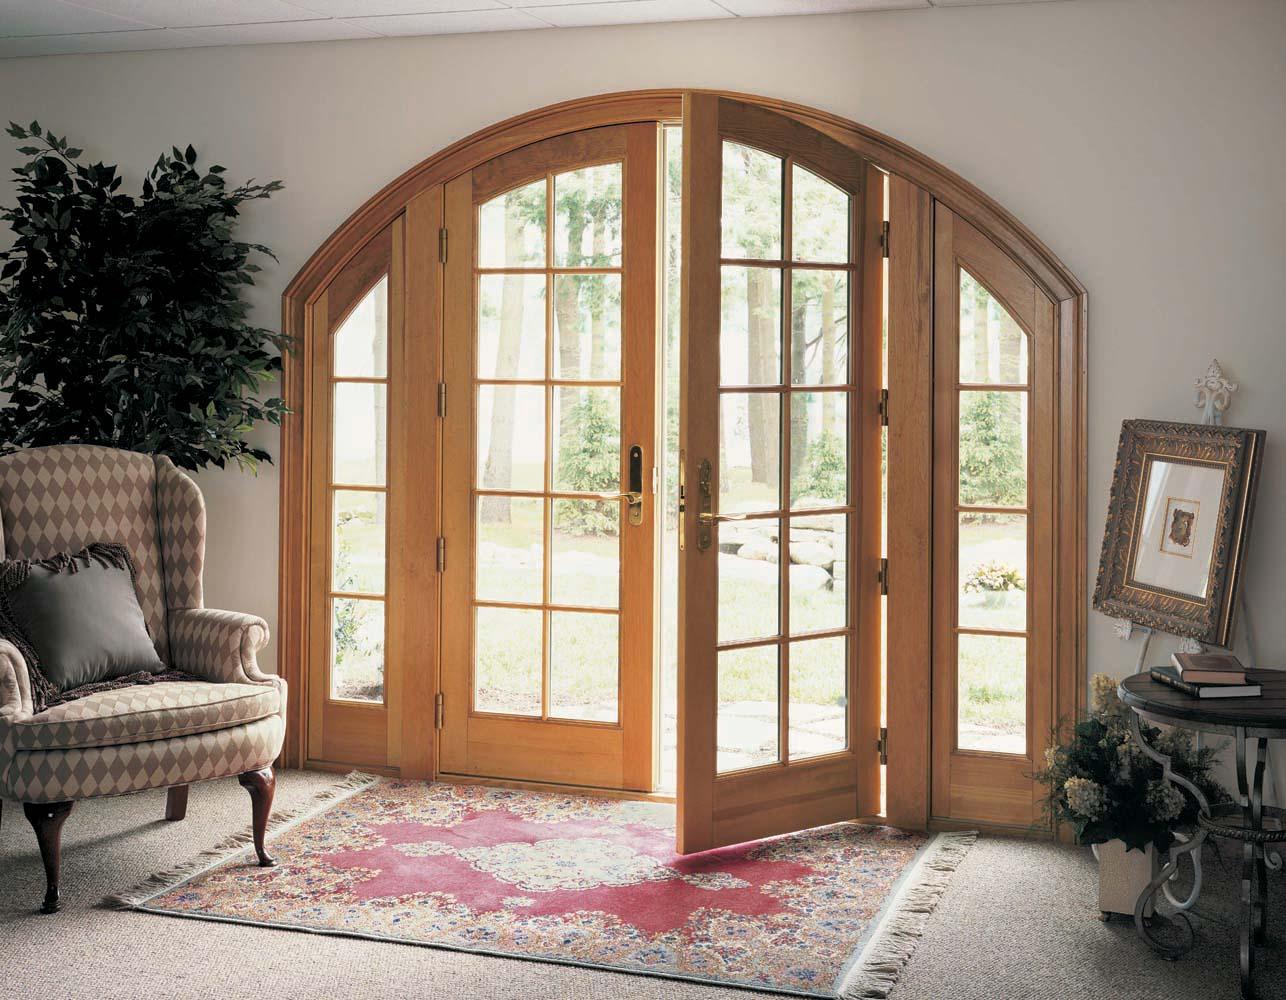 Купить деревянную балконную дверь